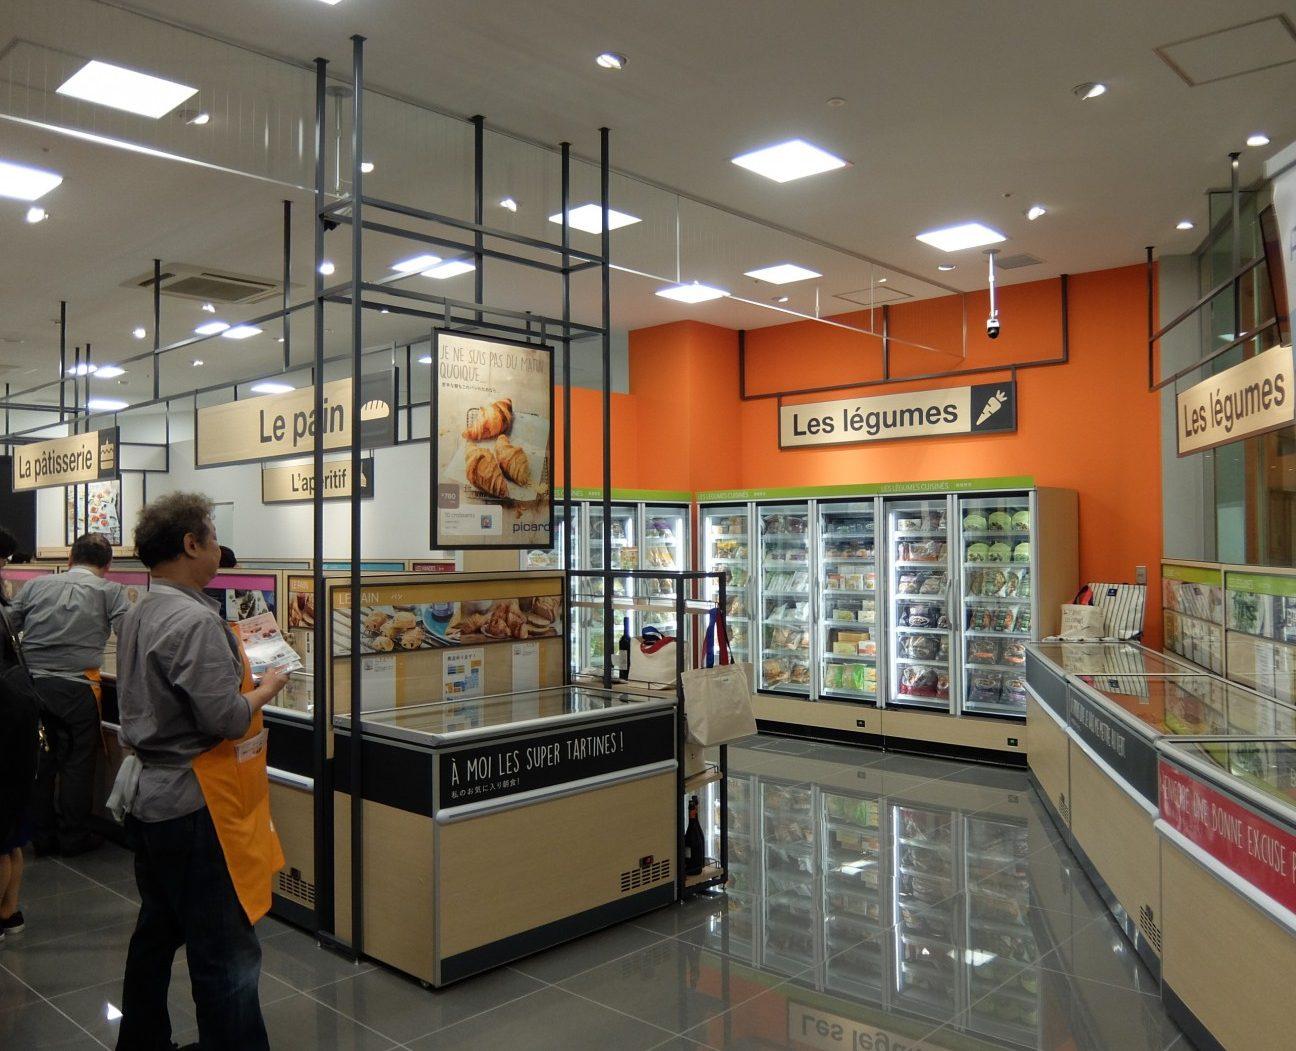 横浜にピカール! Picard横浜ベイクォーター店 3月14日にオープン。木目調のショーケースなど良いムードの店内♡